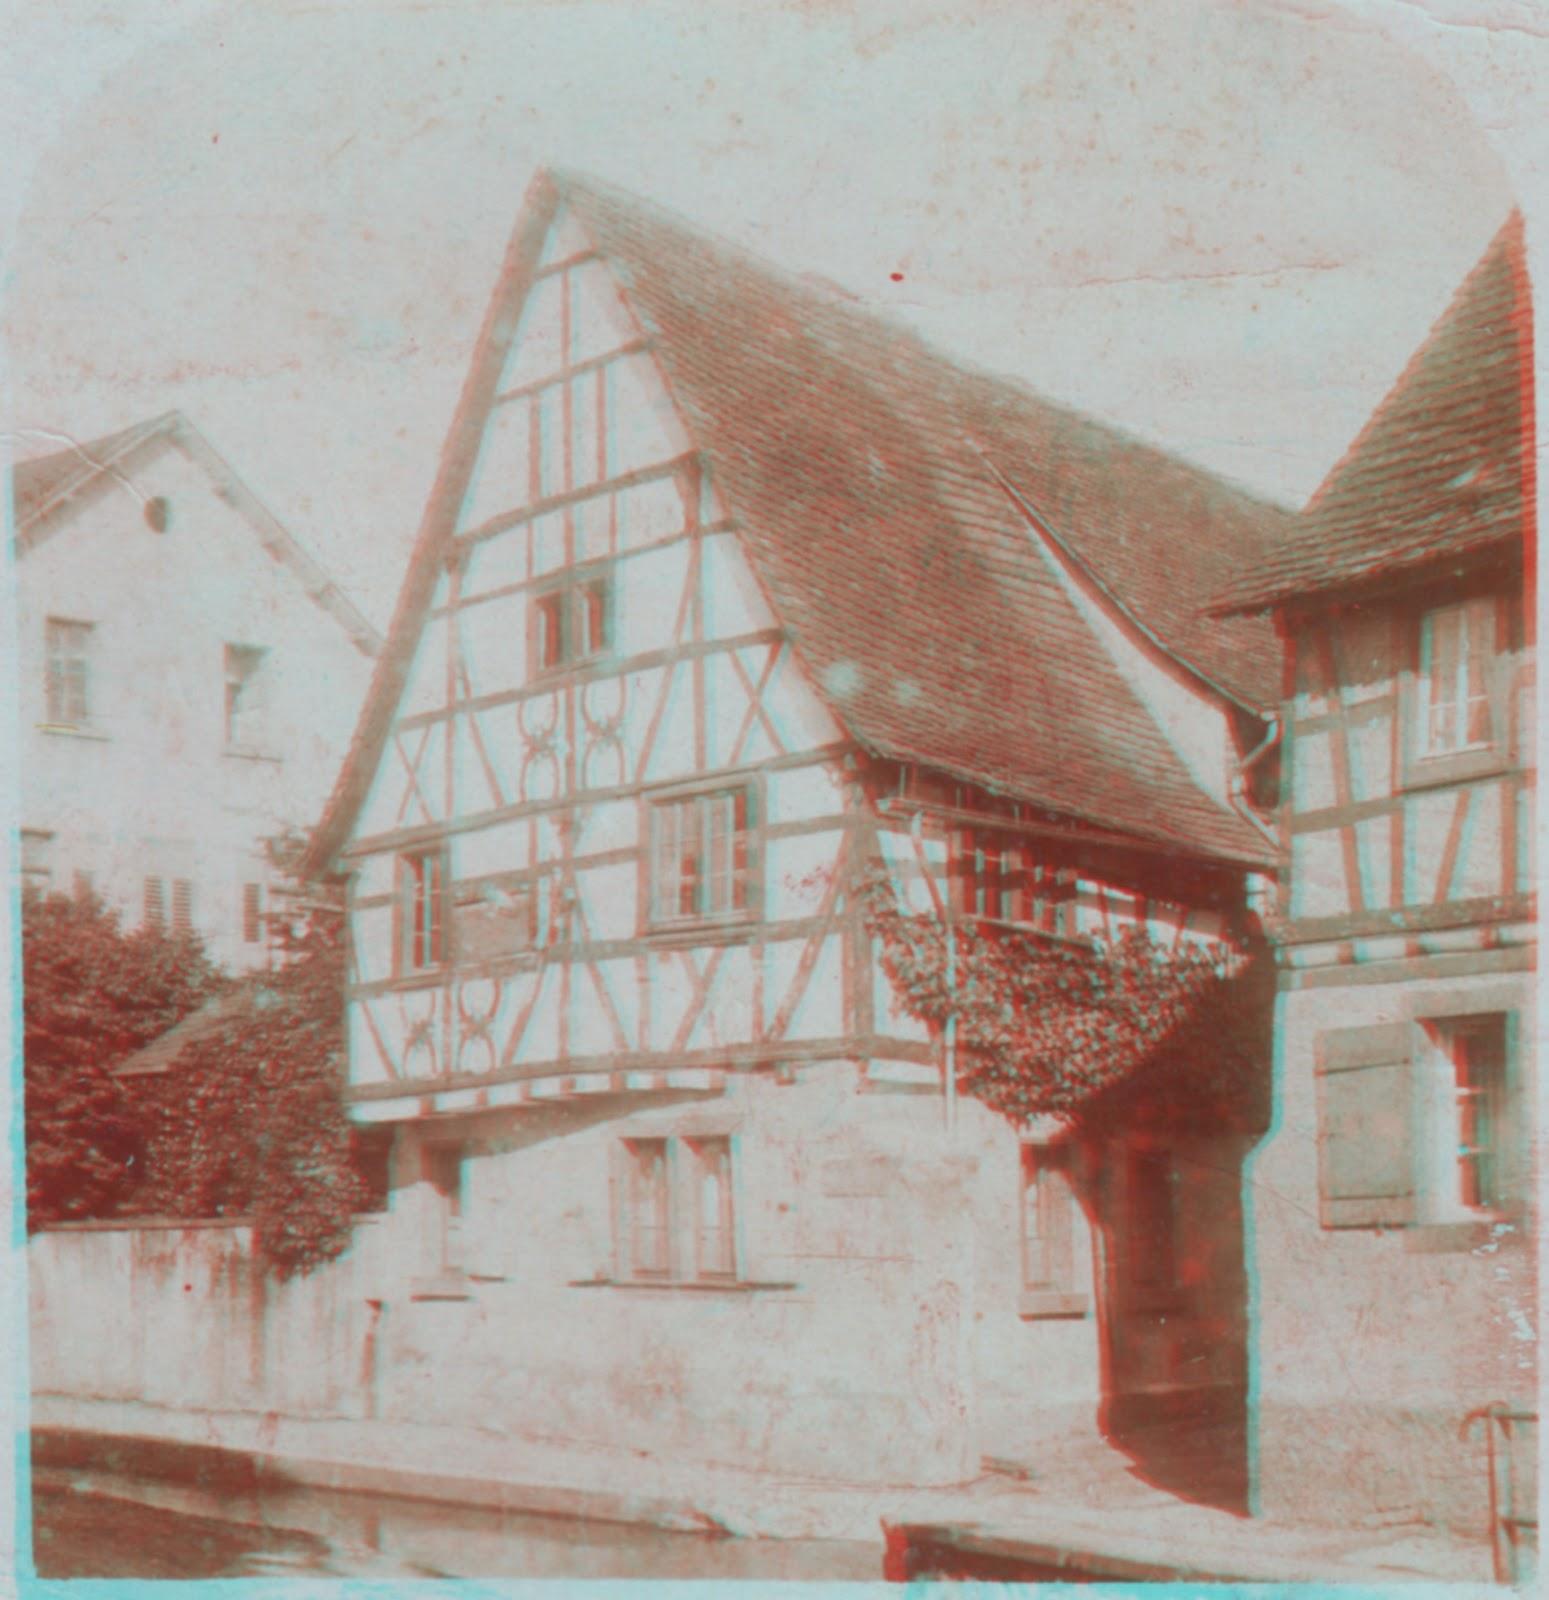 Bensheim In Alten Bildern Alte 3d Fotografie Vermutlich